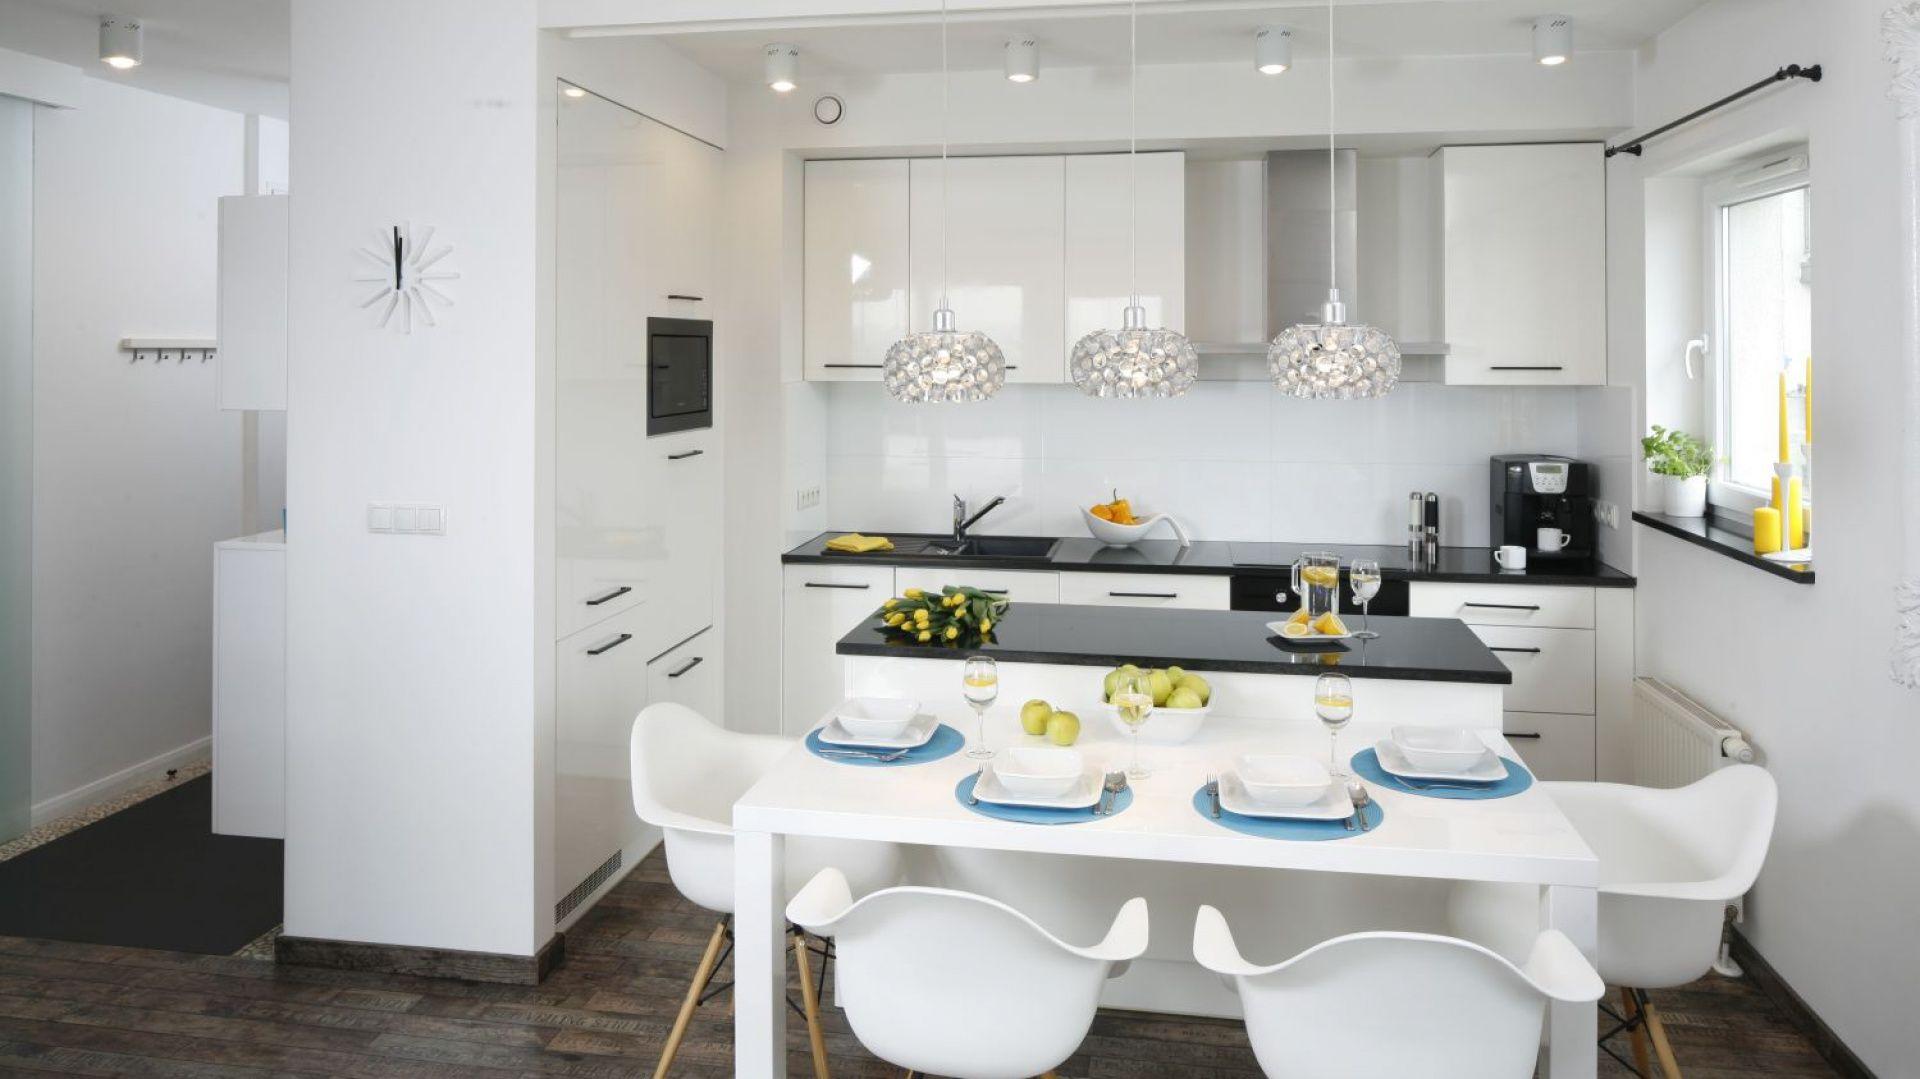 Znalezione Obrazy Dla Zapytania Stol Przy Wyspie Kuchennej Modern Kitchen Cabinet Design Kitchen Interior Modern Kitchen Cabinets